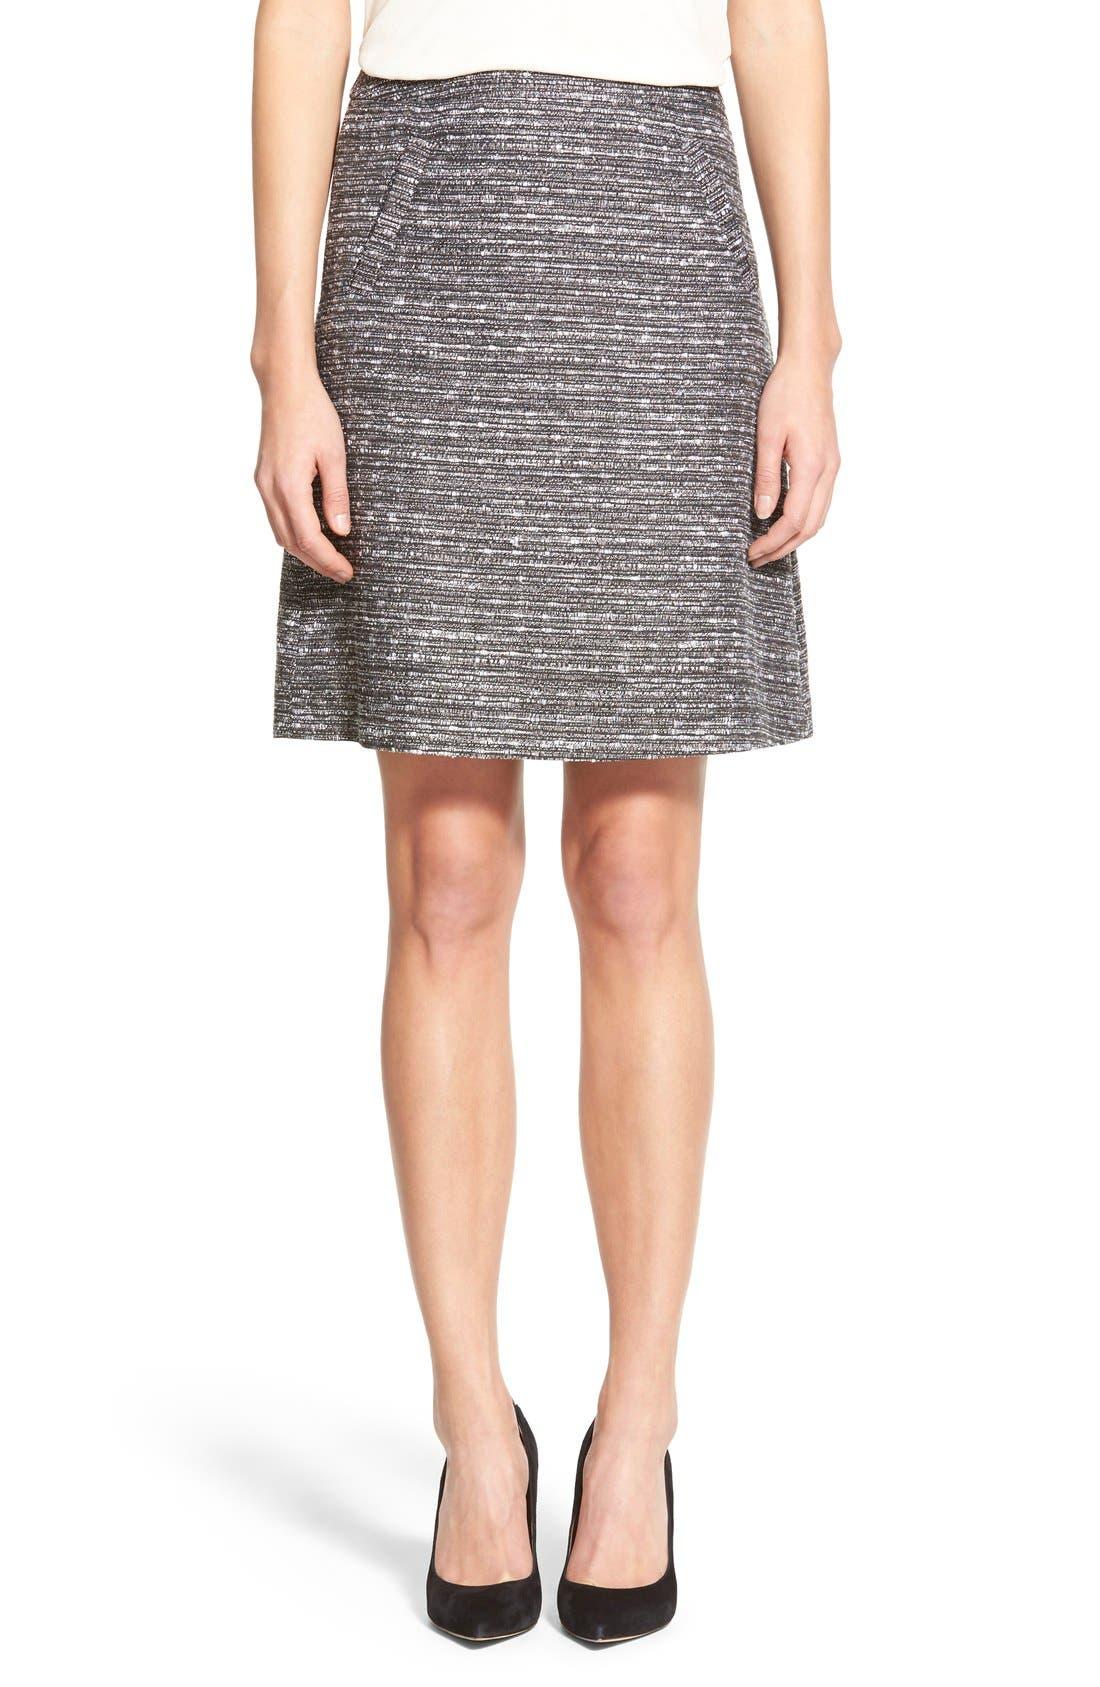 Alternate Image 1 Selected - Halogen® Welt Pocket A-Line Skirt (Regular & Petite)